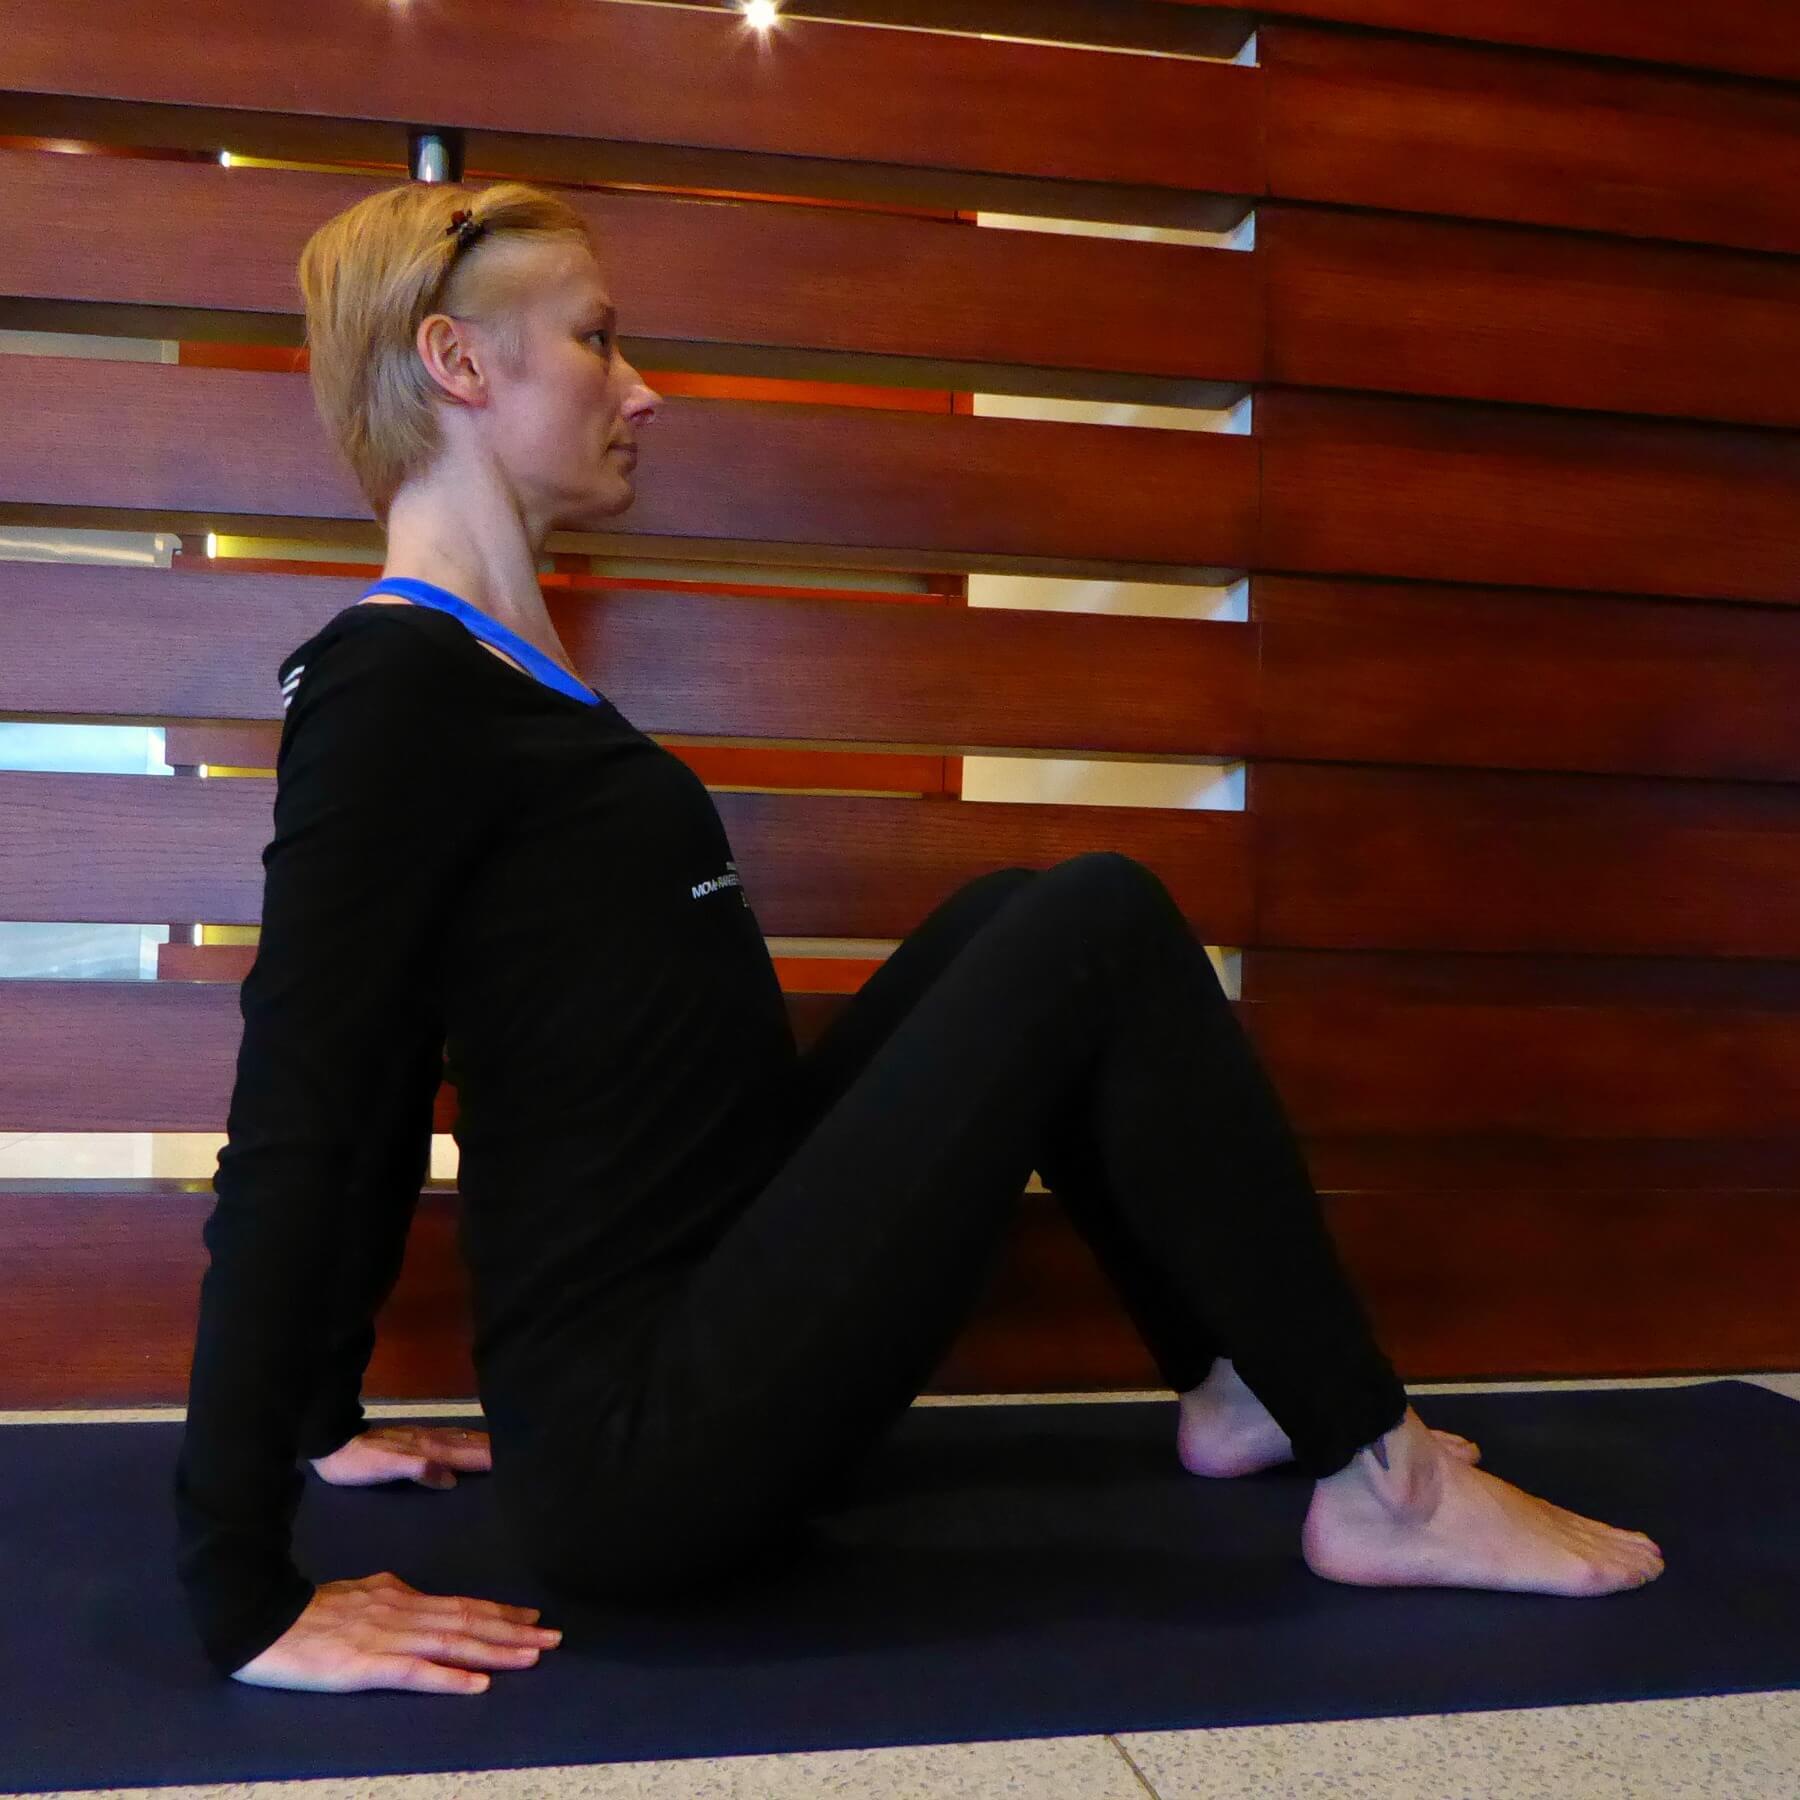 beginner_crab_pose_yoga